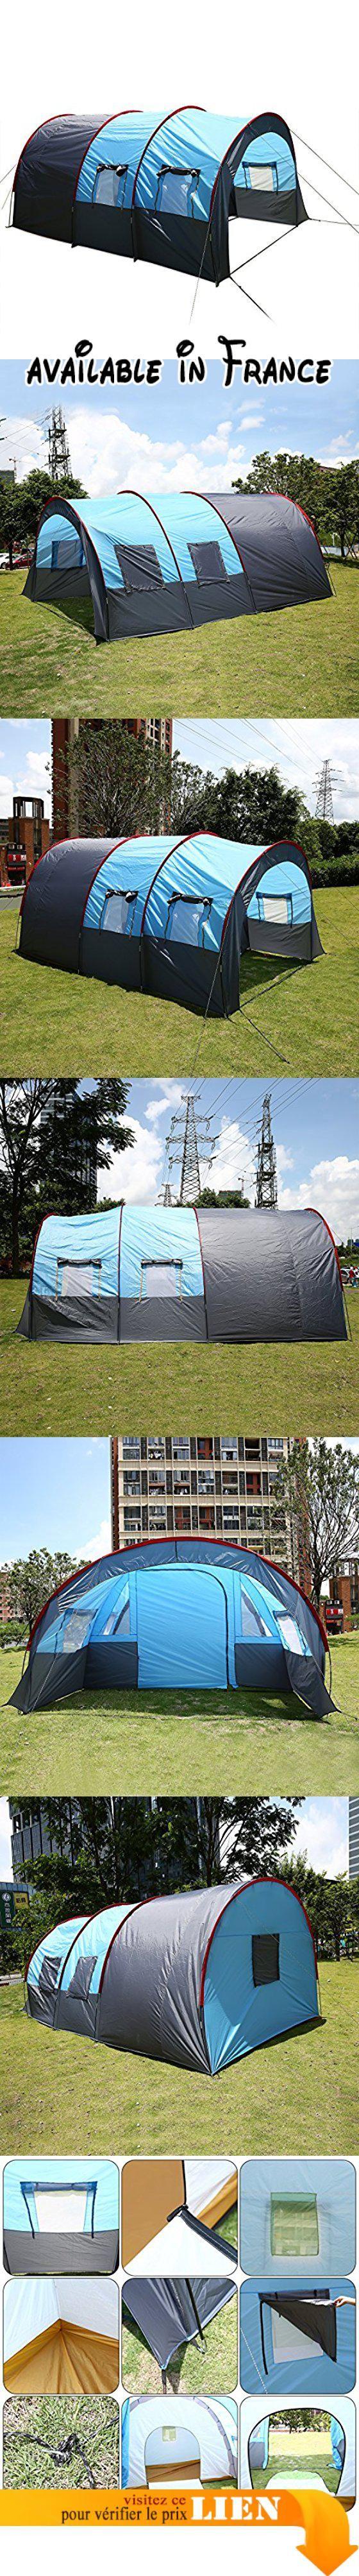 B075S19K2M : Busyall Tente de Camping Familiale Tente Tunnel 3 places - 480 x 310 x 210 cm  5 à 8 Personnes (EU Stock). Il sera envoyé de notre stockage EU envoyez bientôt. Si vous rencontrez un problème ou un doute au sujet de l'expédition et du produit veuillez nous contracter dabord nous vous répondrons dans 24 heures. ESPACE La tente tunnel est votre espace de confort sur la place de camping. Son intérieur spacieux offre non seulement 3 places à dormir